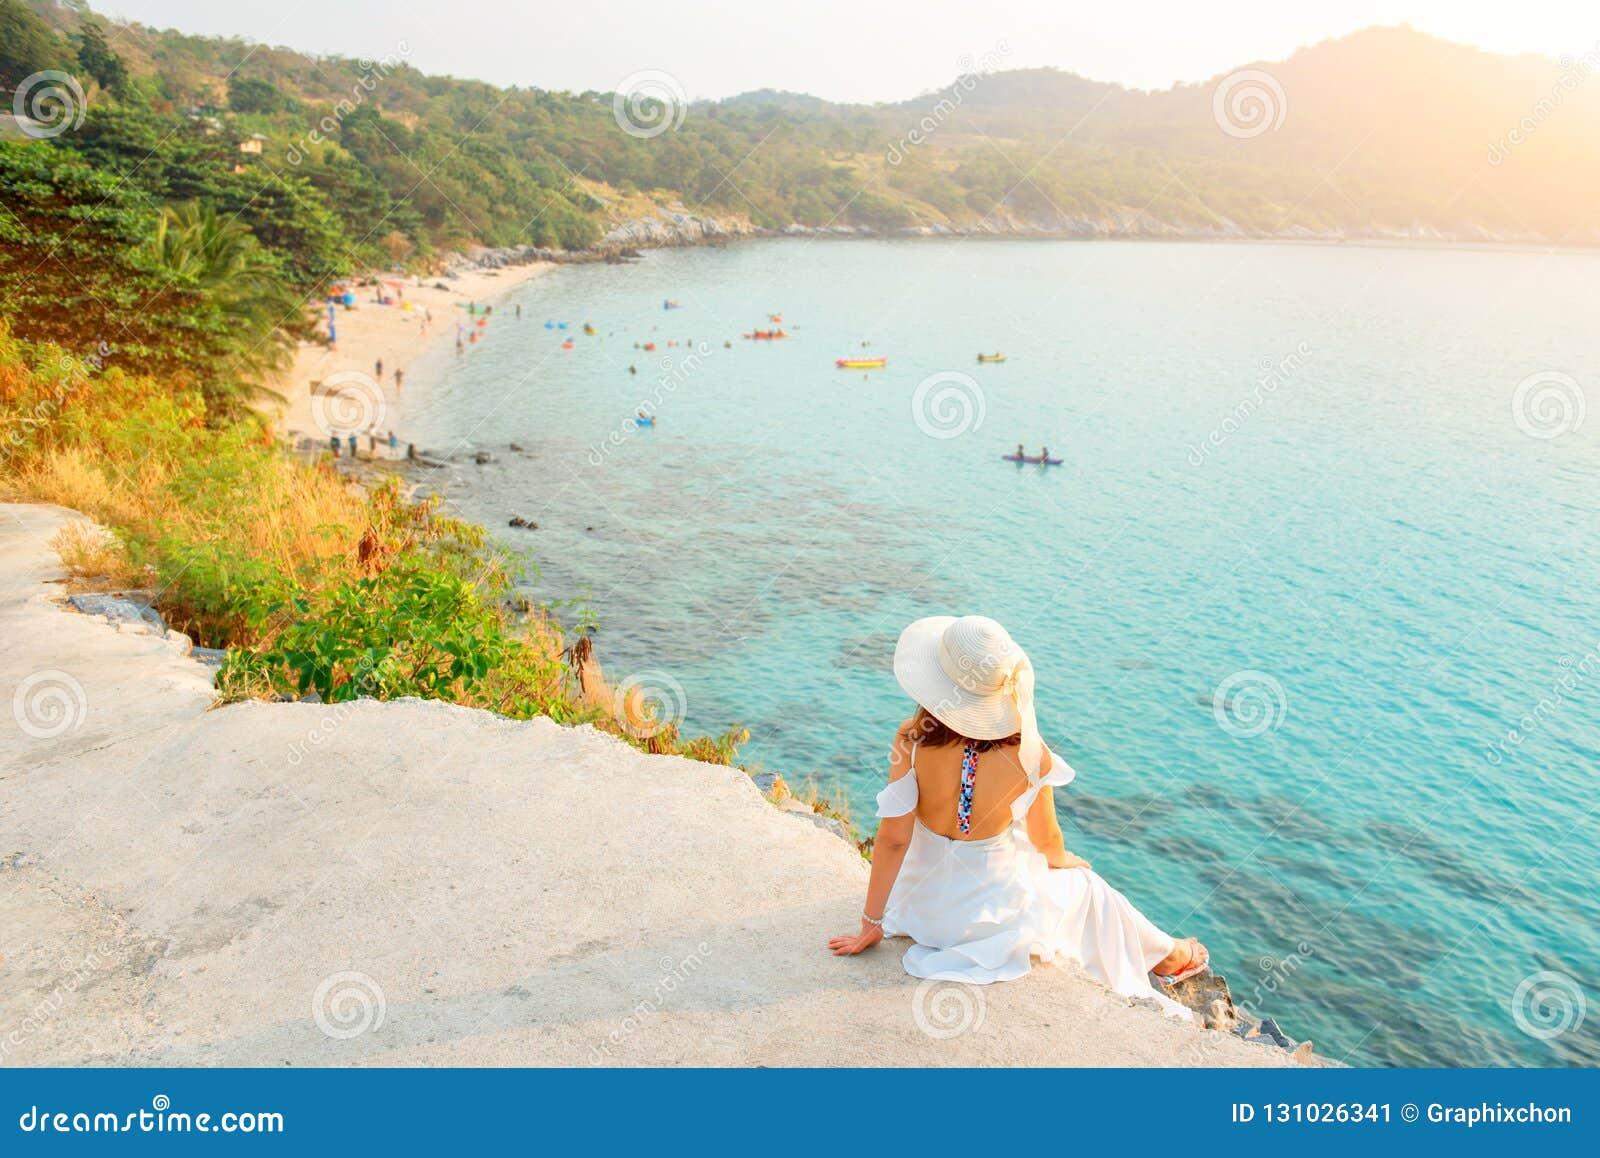 Красивые женщины путешествуют самостоятельно на пляже на лете